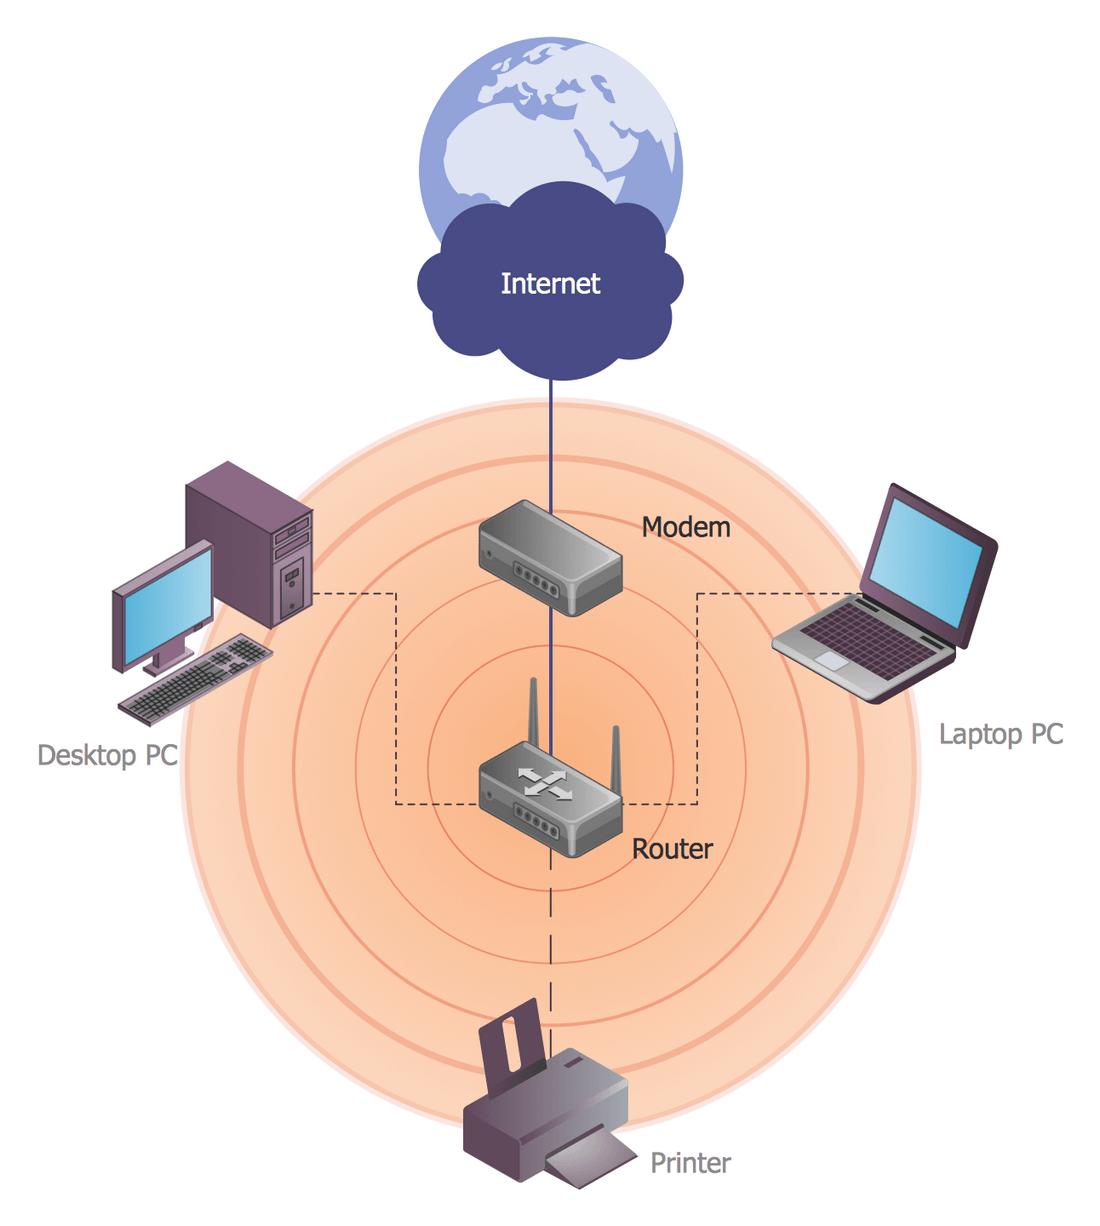 schematic diagram wireless printer wiring diagram review schematic diagram wireless printer [ 1100 x 1226 Pixel ]